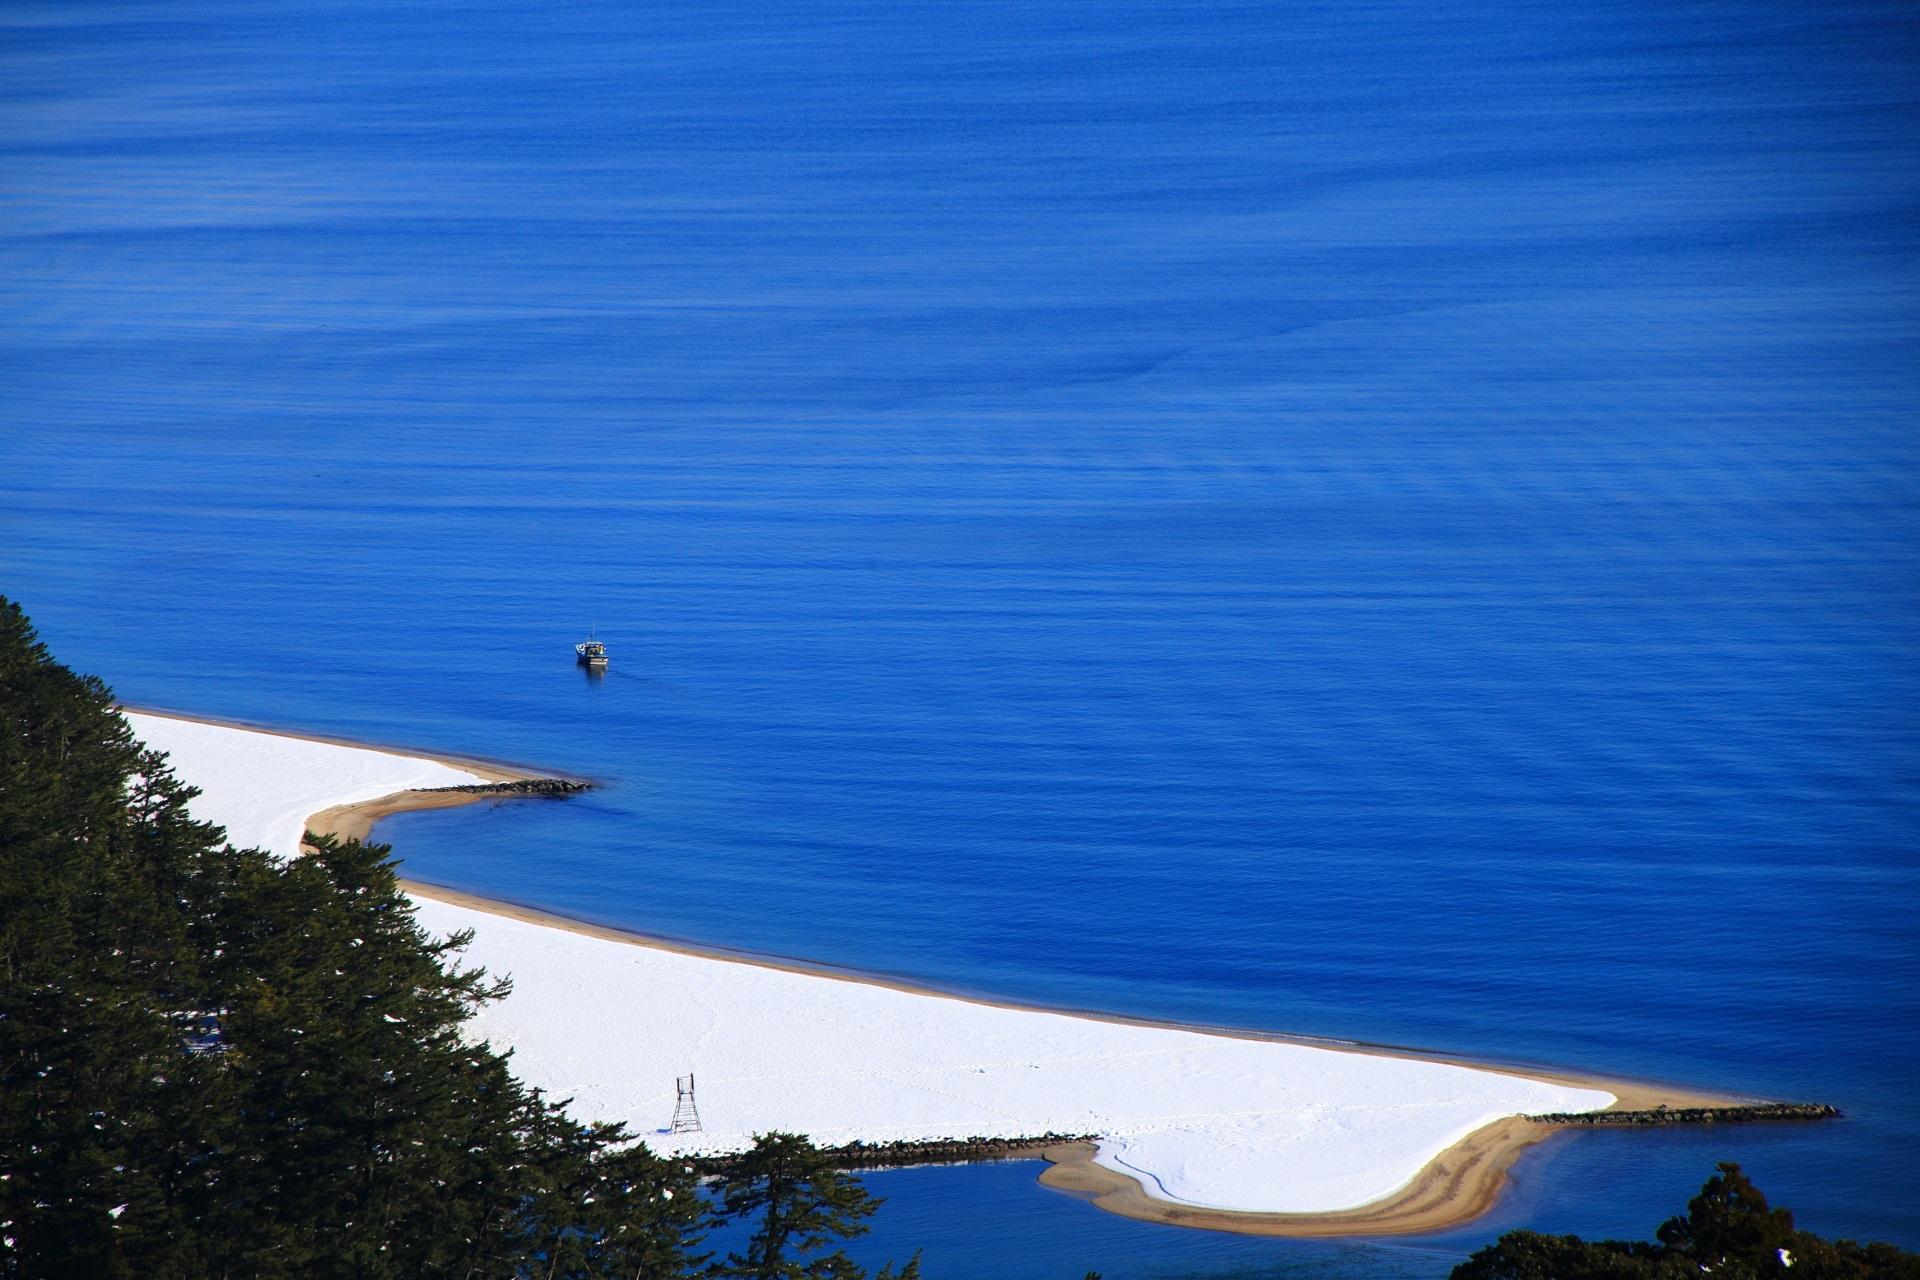 絶妙な穏やかな波模様